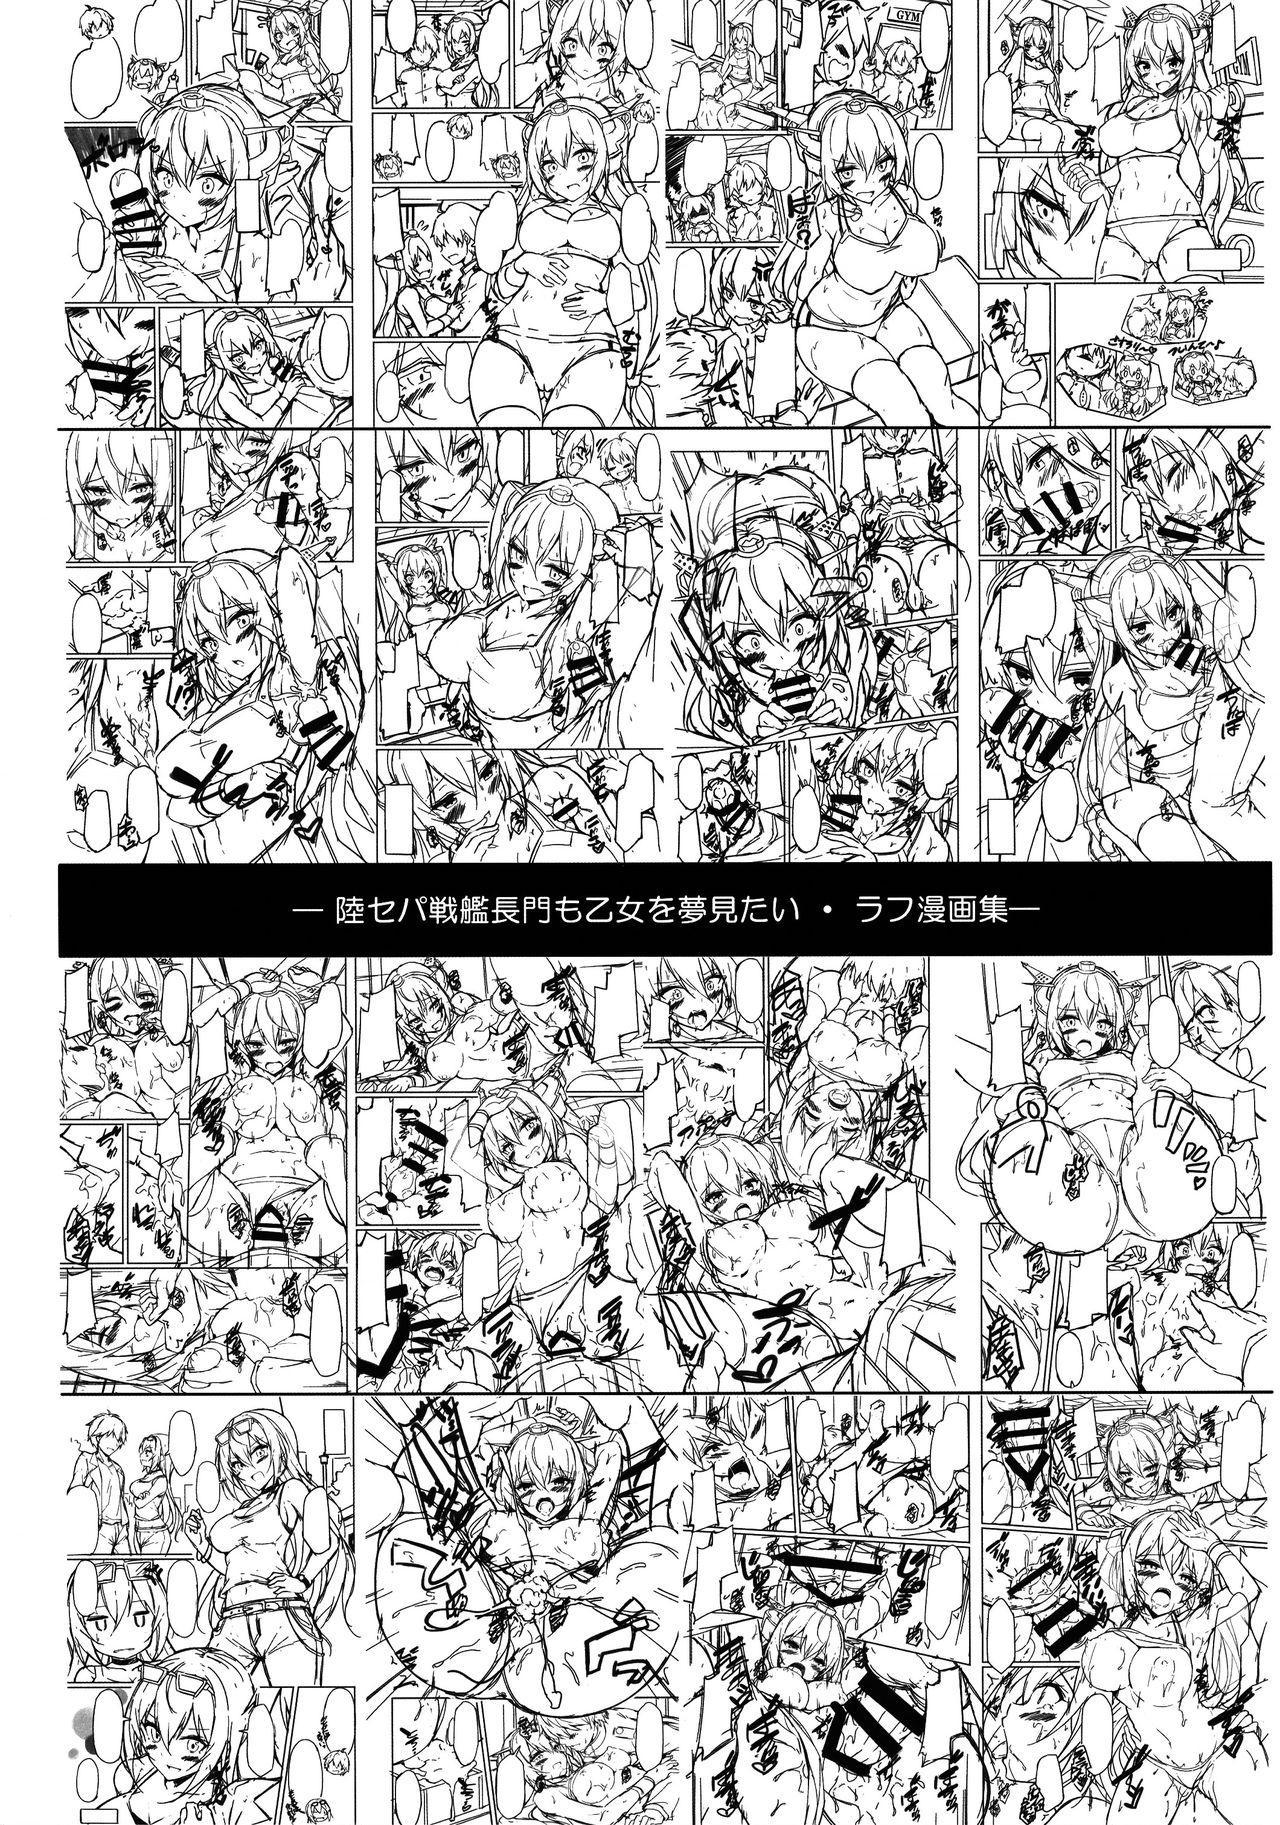 Rikusepa Senkan Nagato mo Otome o Yumemitai 19